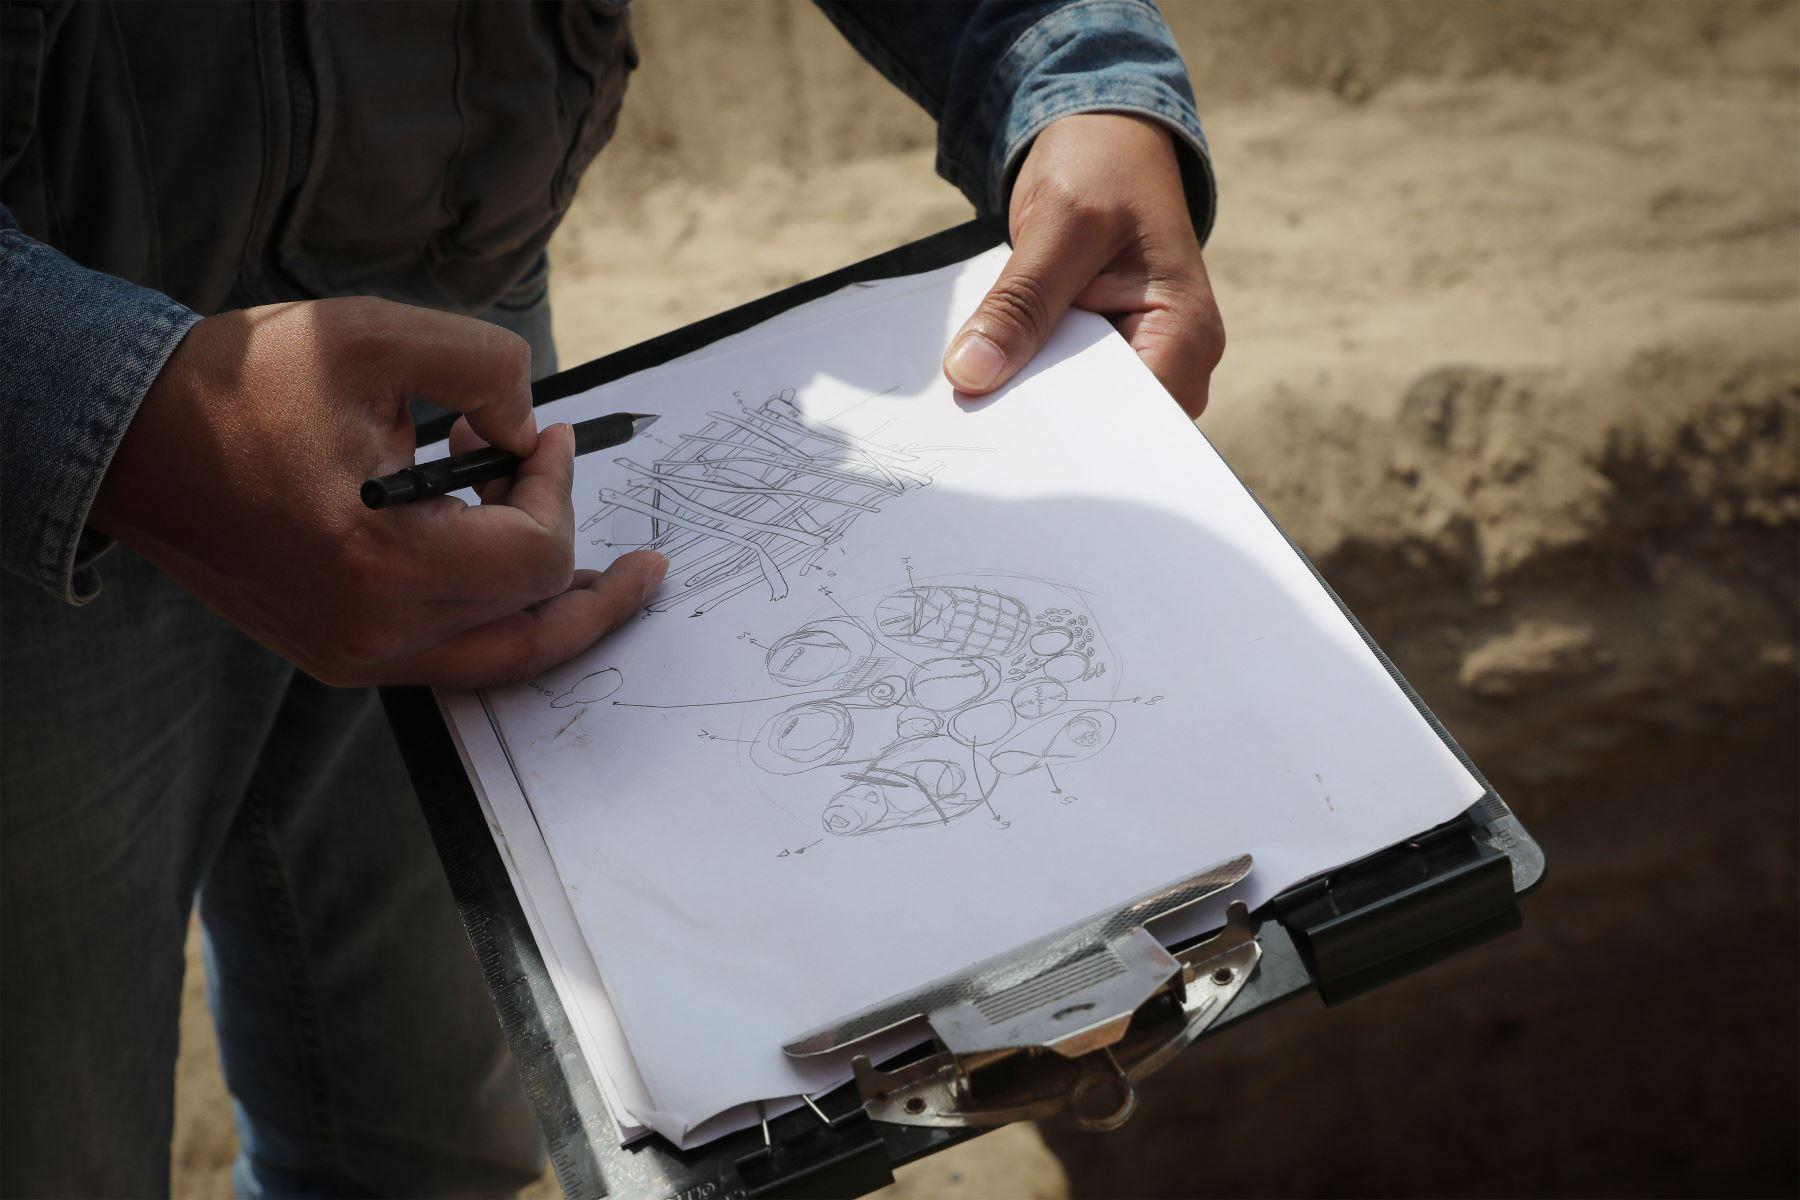 Encuentran contexto funerario en balneario al sur de Lima, en Chilca. Pertenece a cultura local previa a los incas. Foto: ANDINA/ Andrés Valle